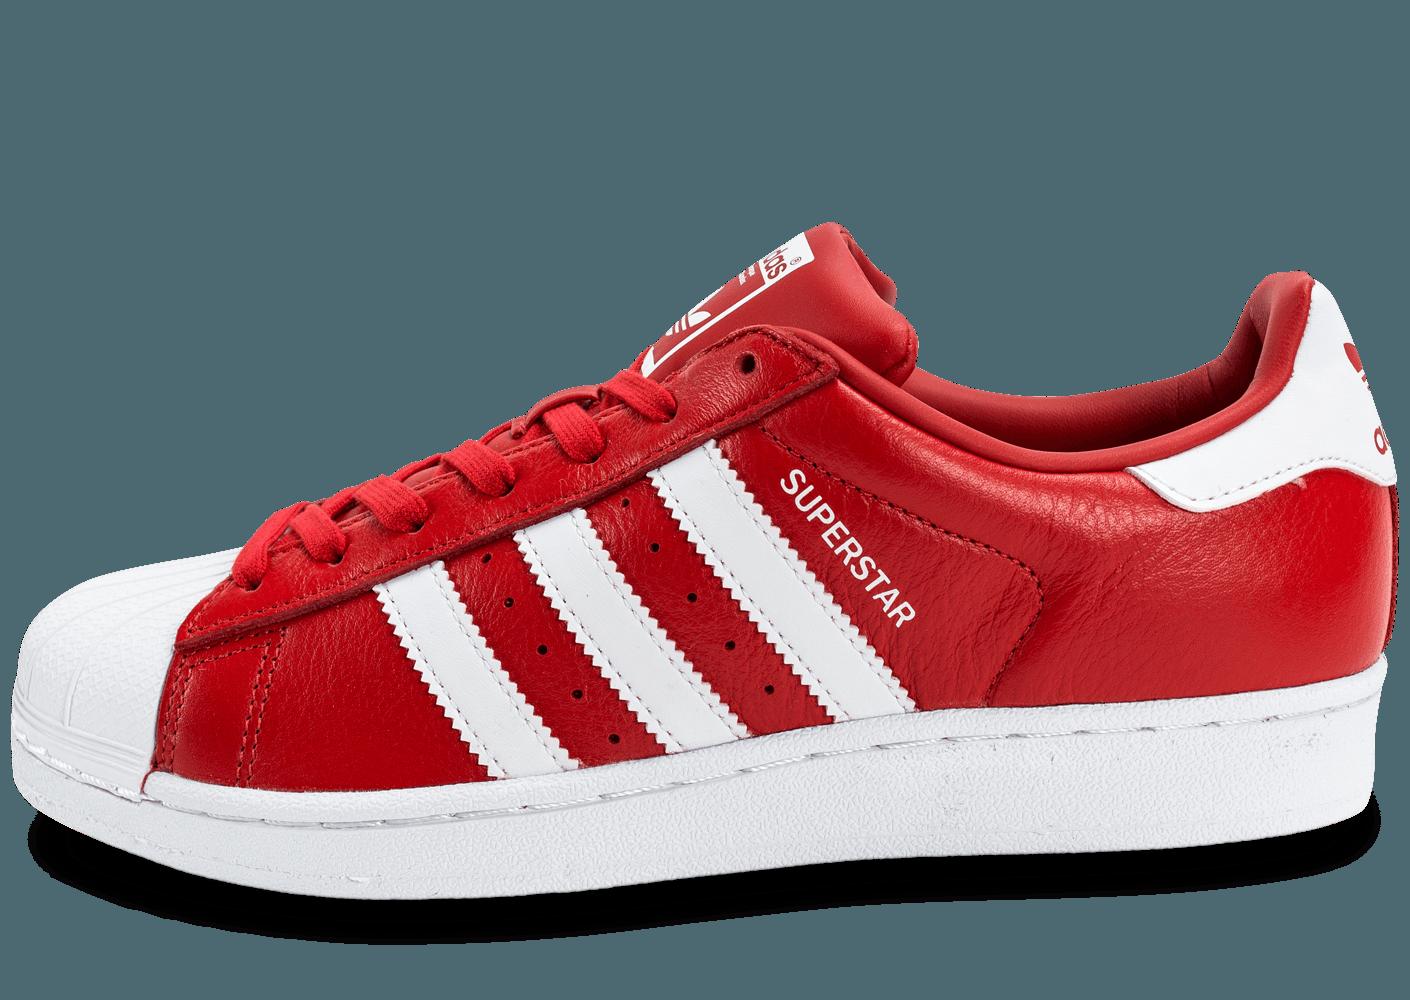 Promotion de groupe adidas superstar rouge.Dédié à